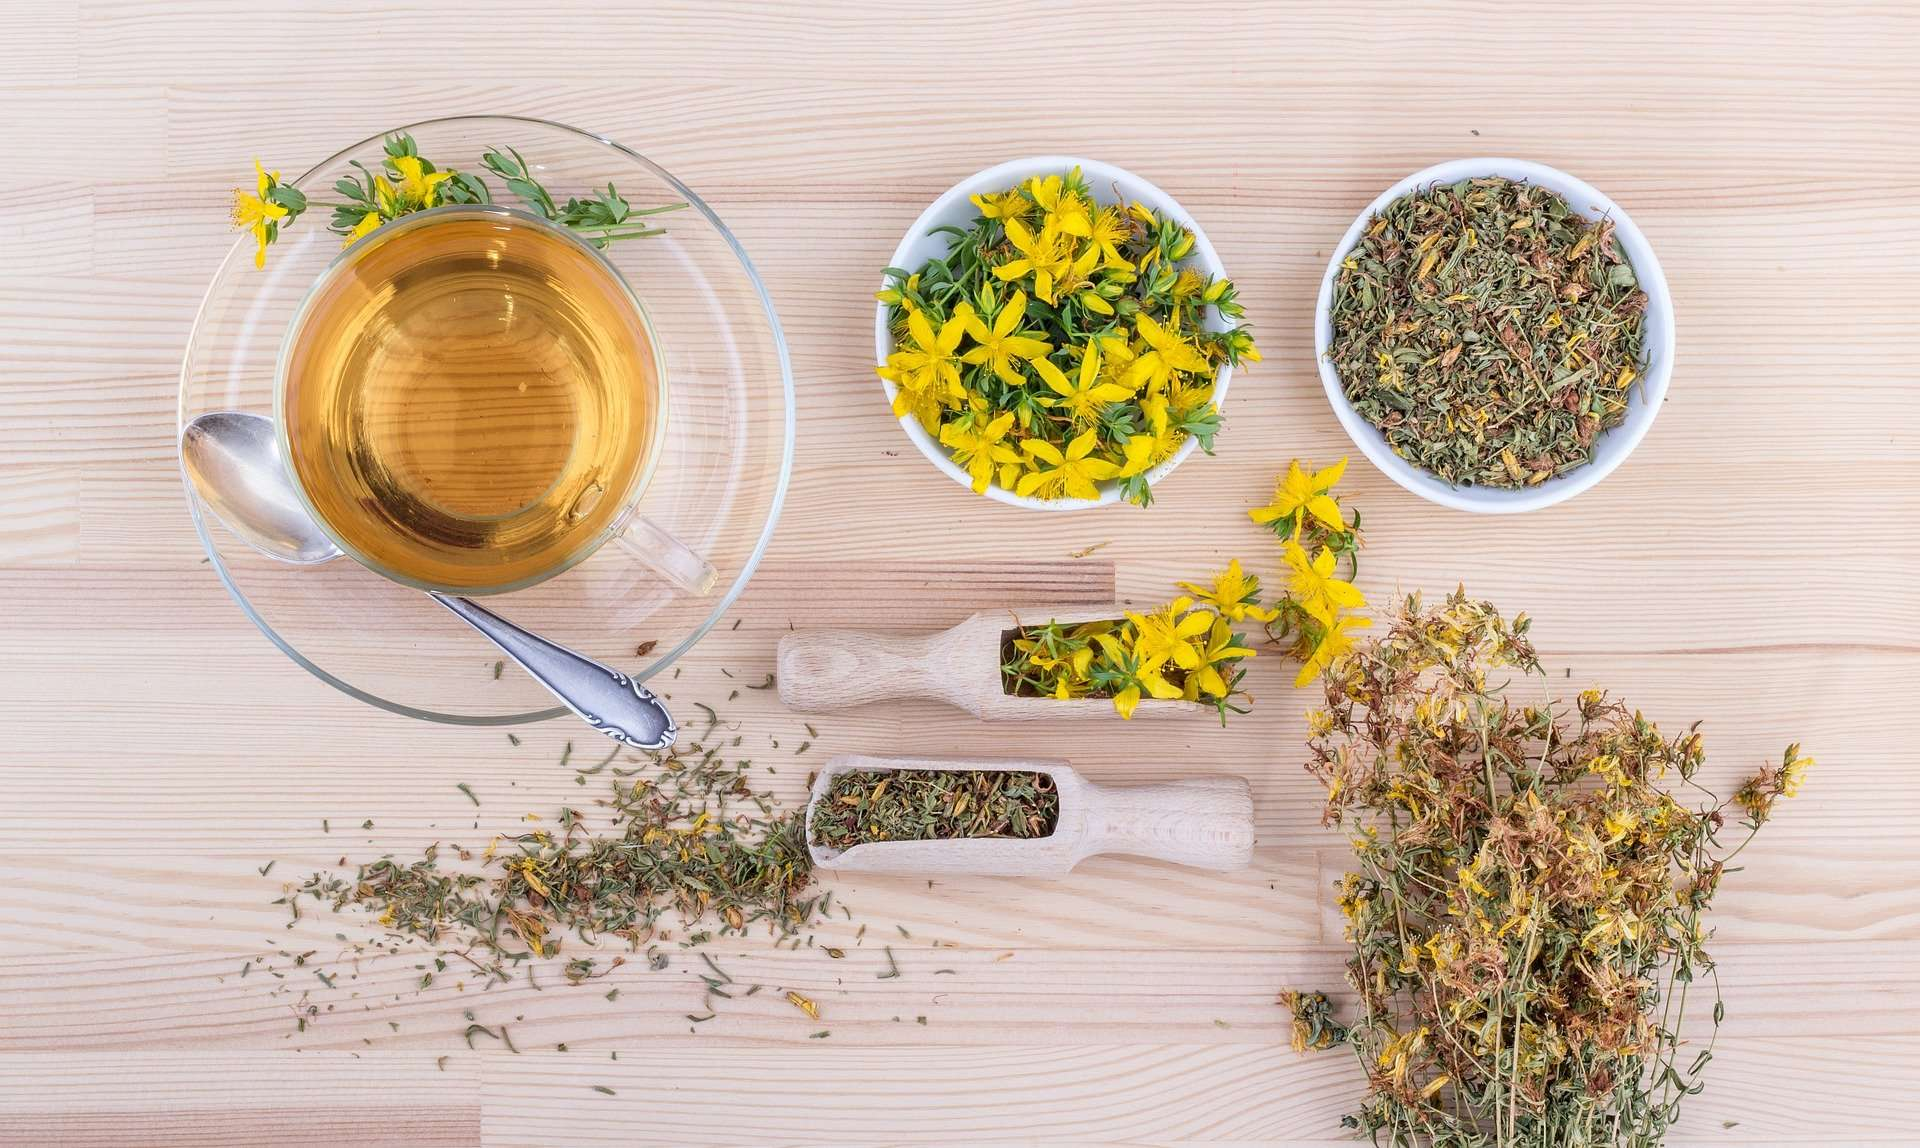 1_Atelier pratique d'herboristerie